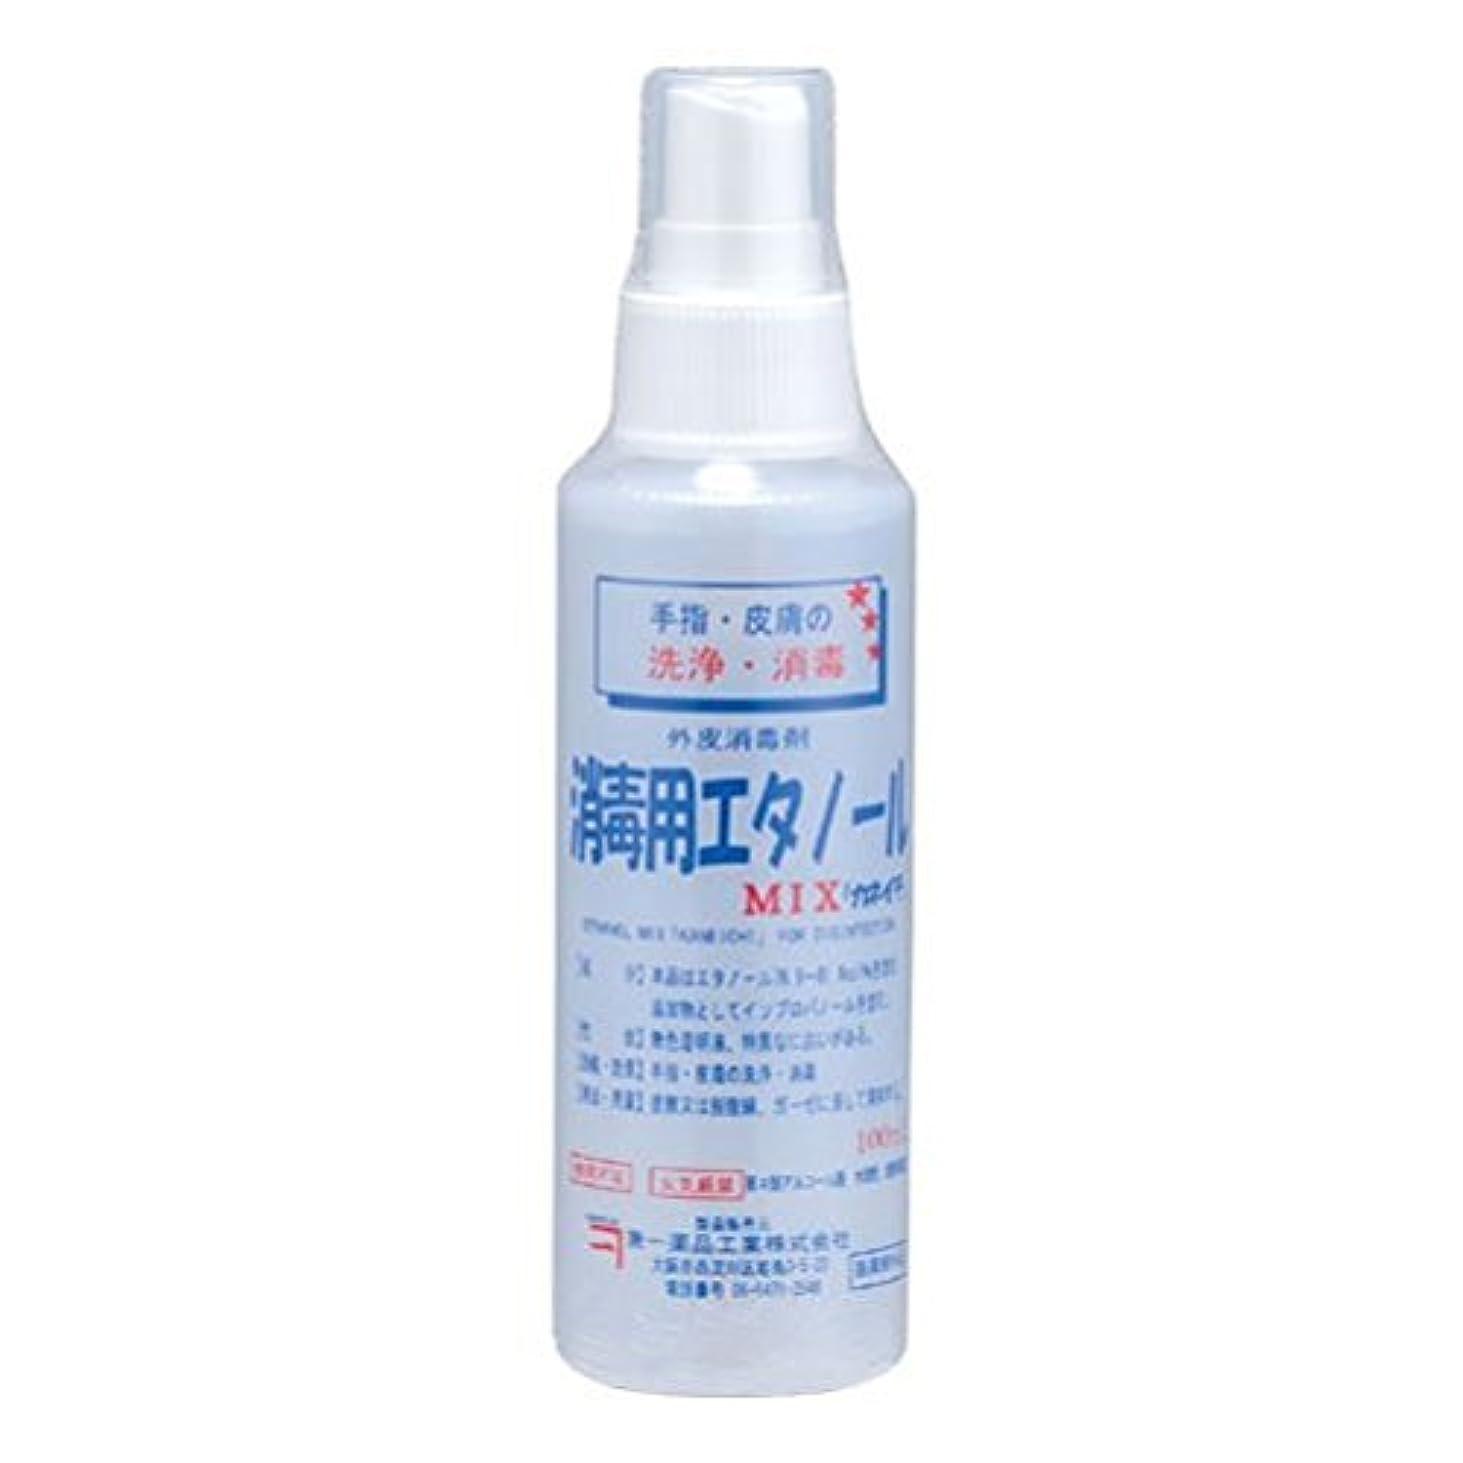 薬用ヒールピル消毒用エタノールMIX100mlスプレー